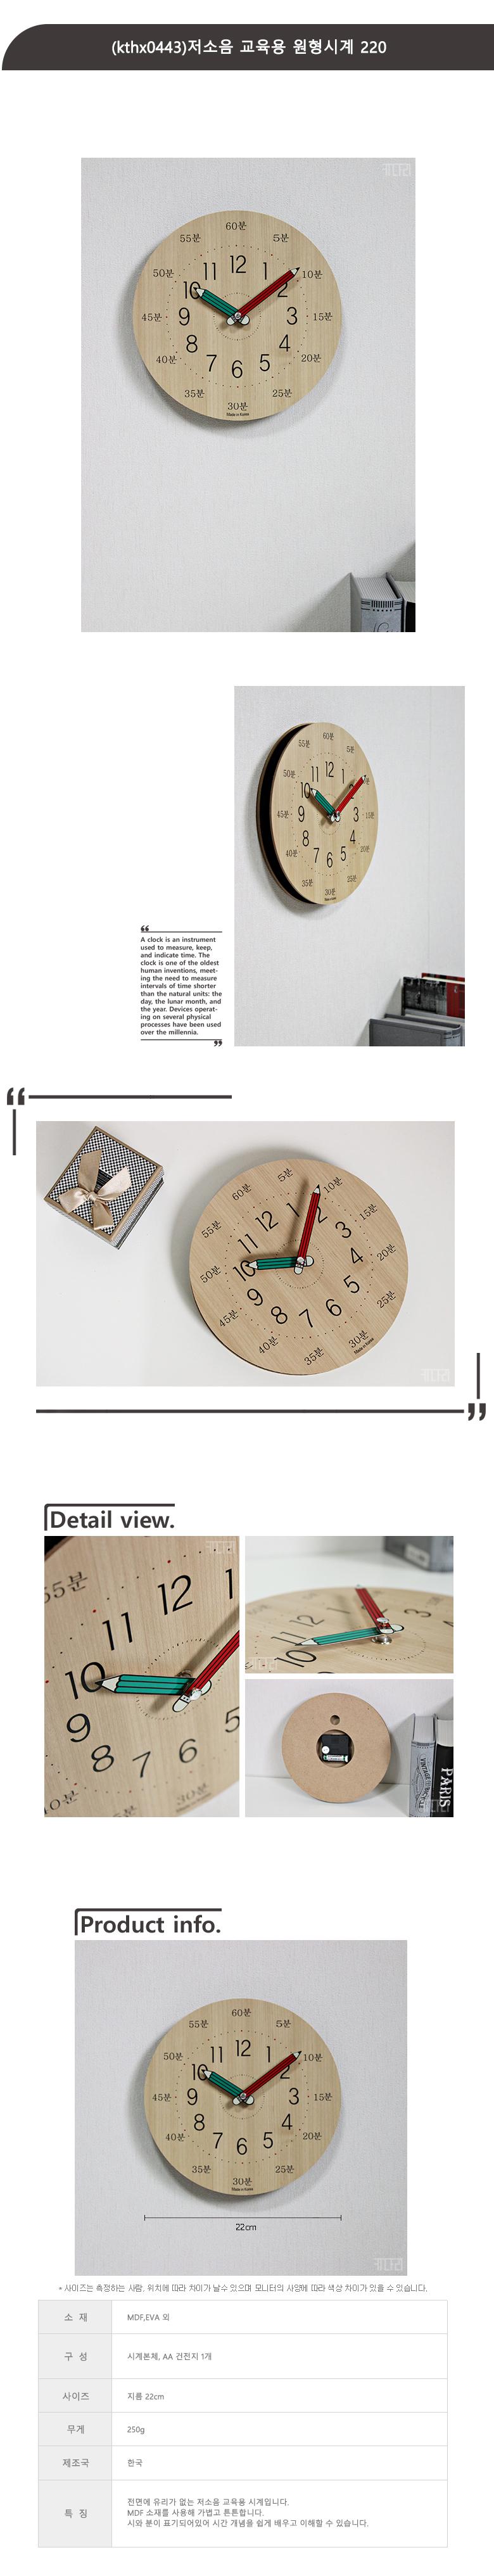 (kthx0443)저소음 교육용 원형시계 220 - 키다리, 12,000원, 벽시계, 우드벽시계